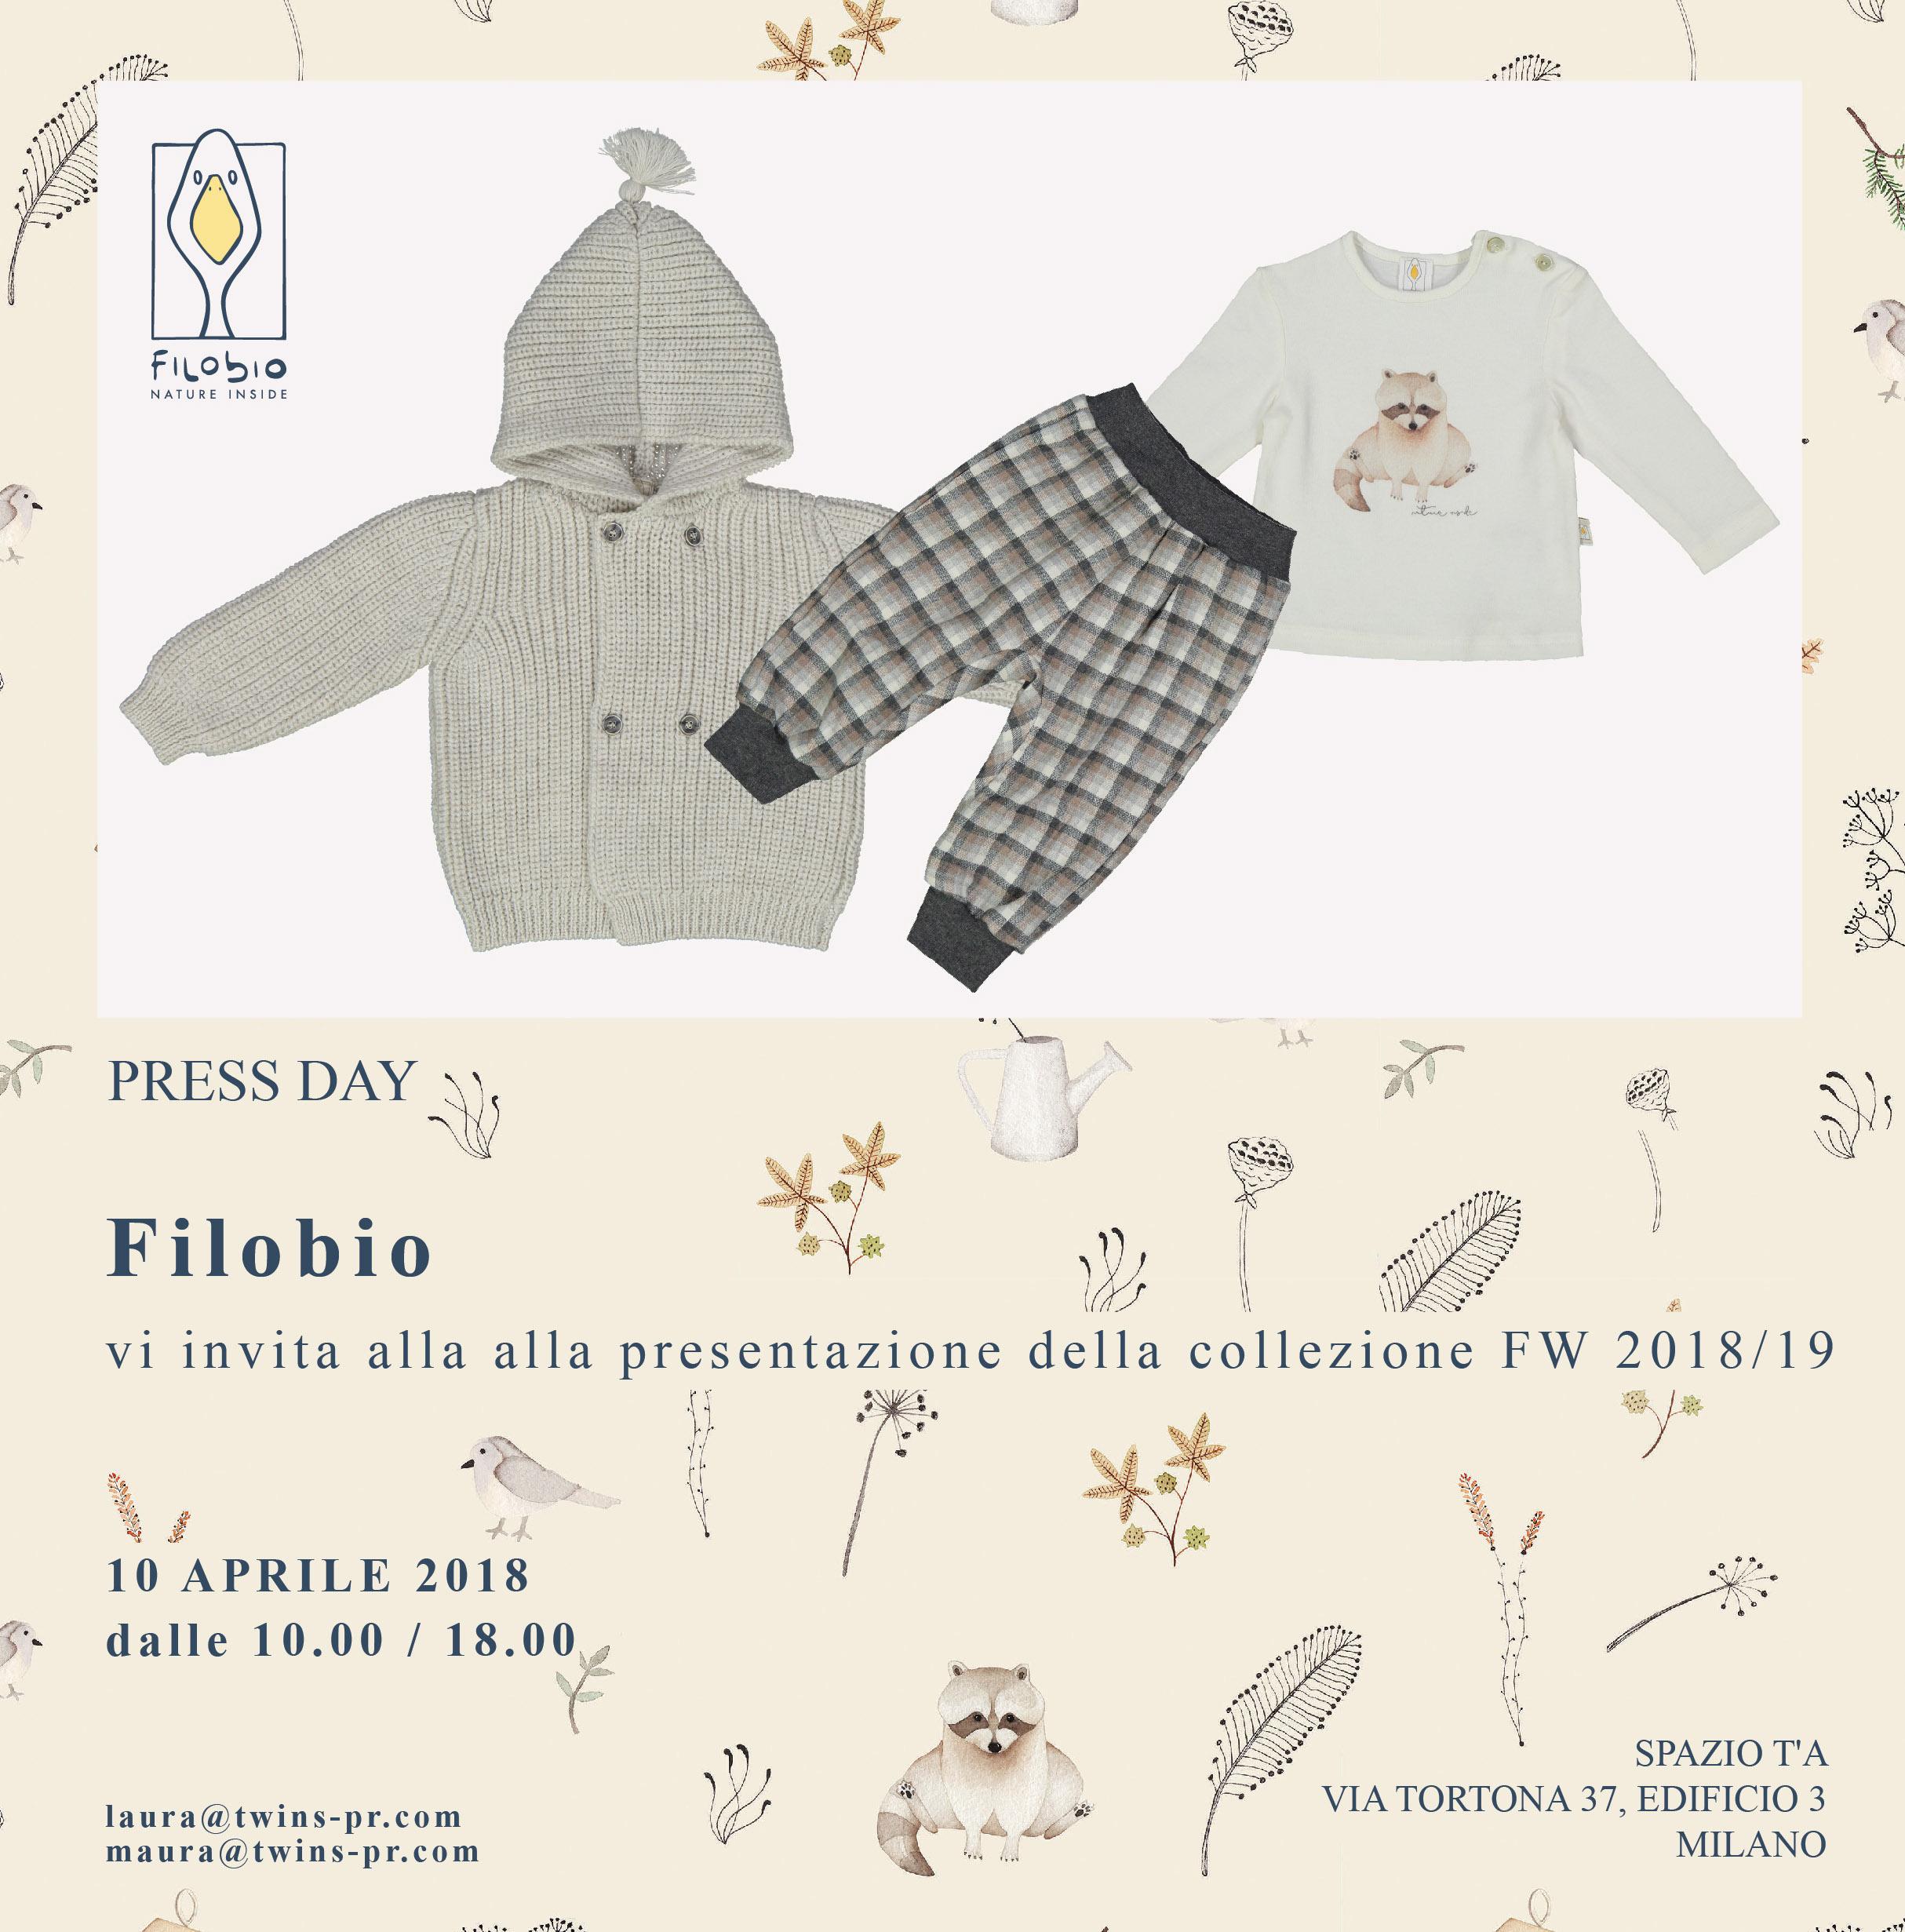 Filobio_PRESSDAY2018_2.jpg